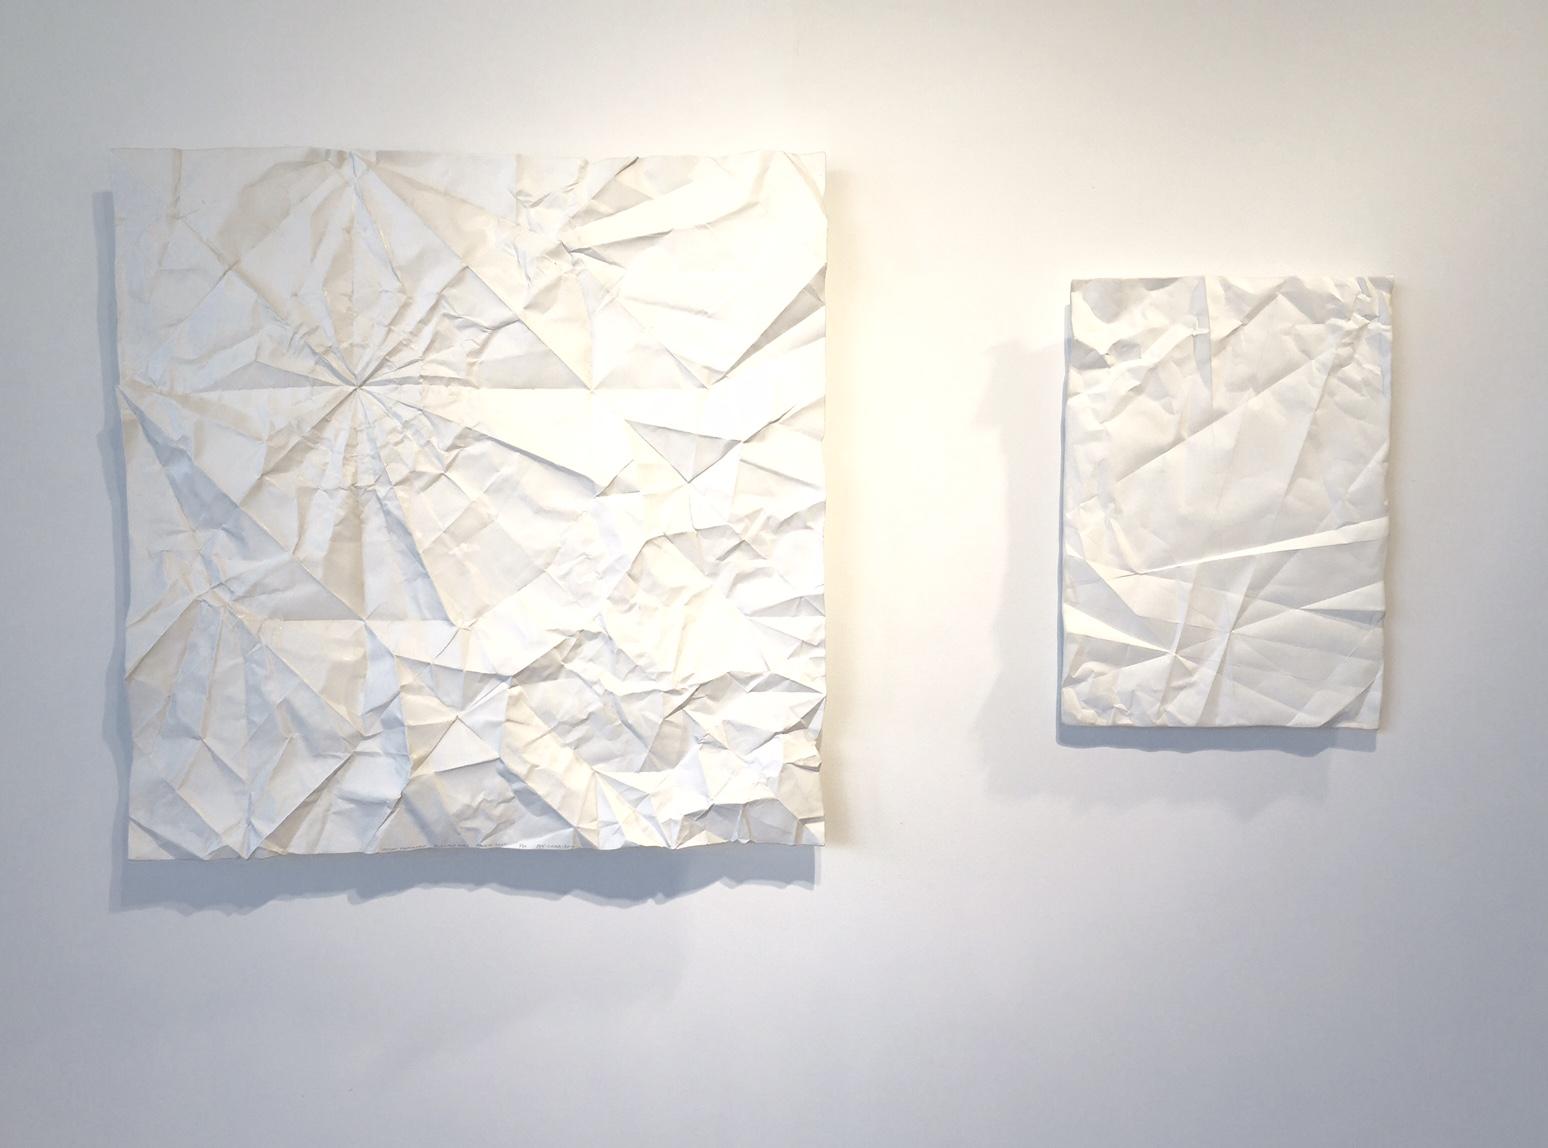 Crane Unfolded, Phoenix Rising (Left) – 48 x 48 x 3 – Painted Cast Aluminum    Sagrada Familia (Right) – 22 x 29 x 2 – Painted Cast Aluminum